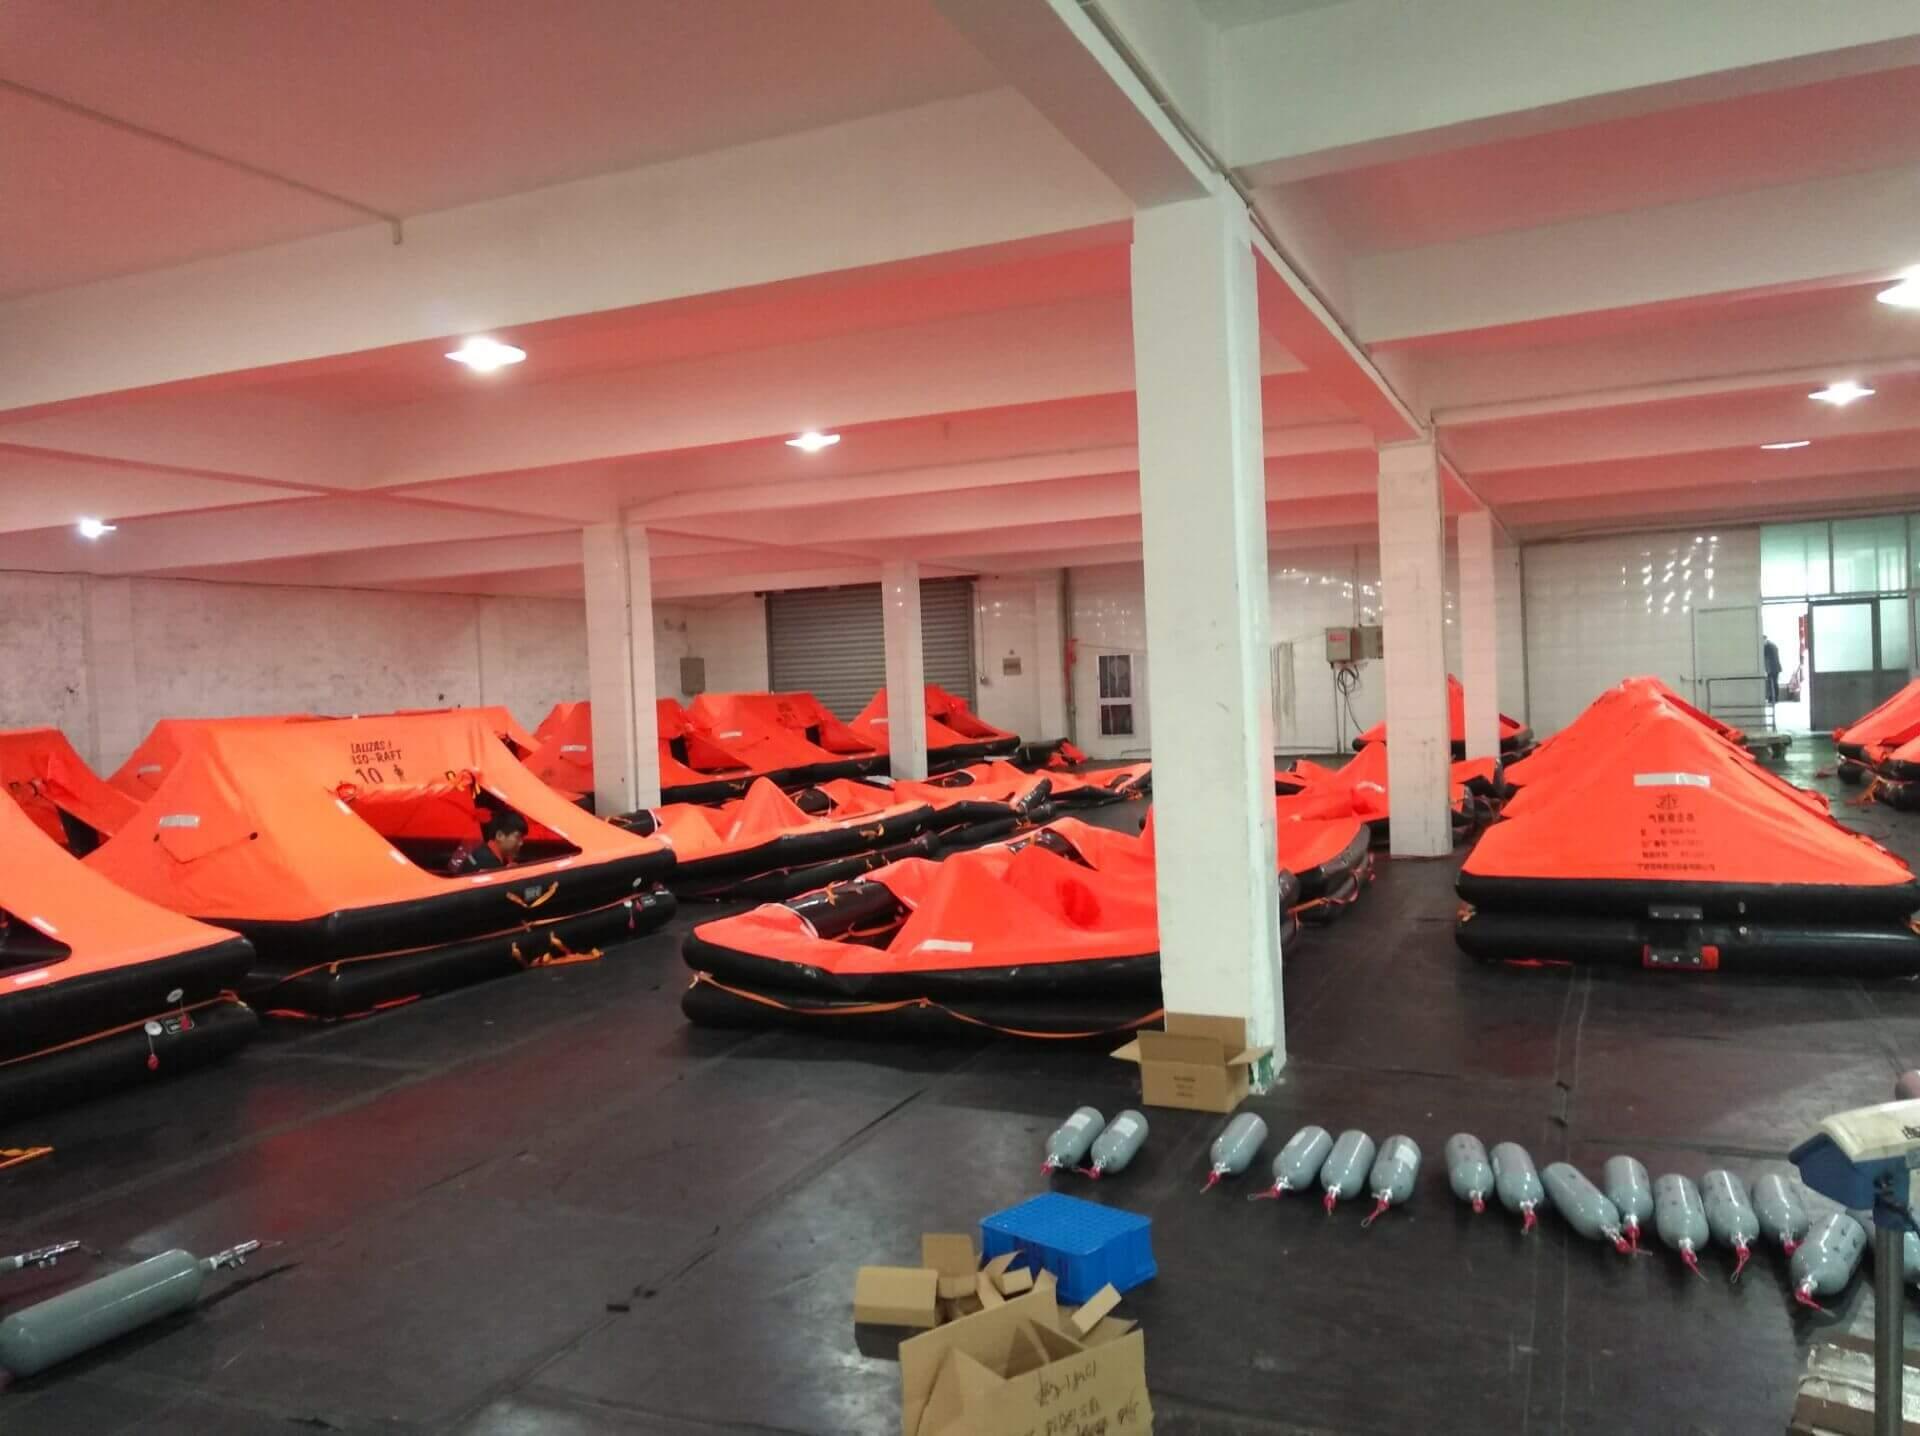 davit launched liferaft workshop